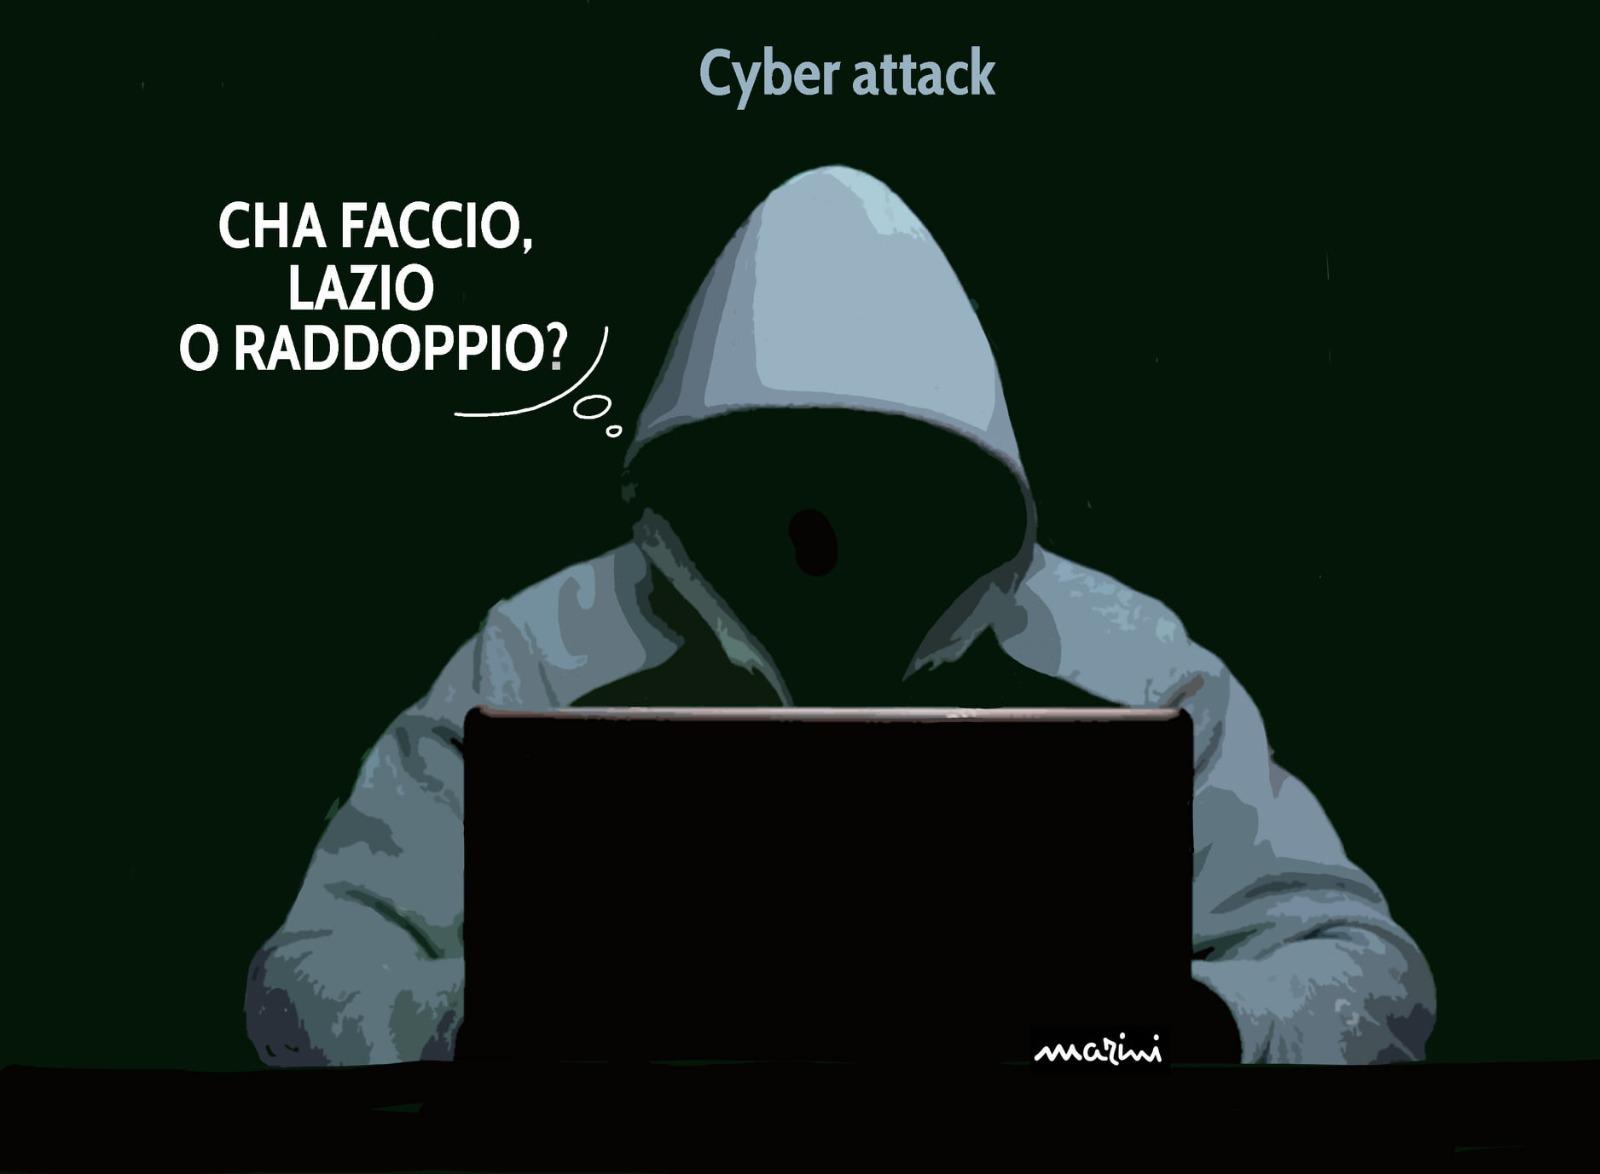 Cyber attacco lazio